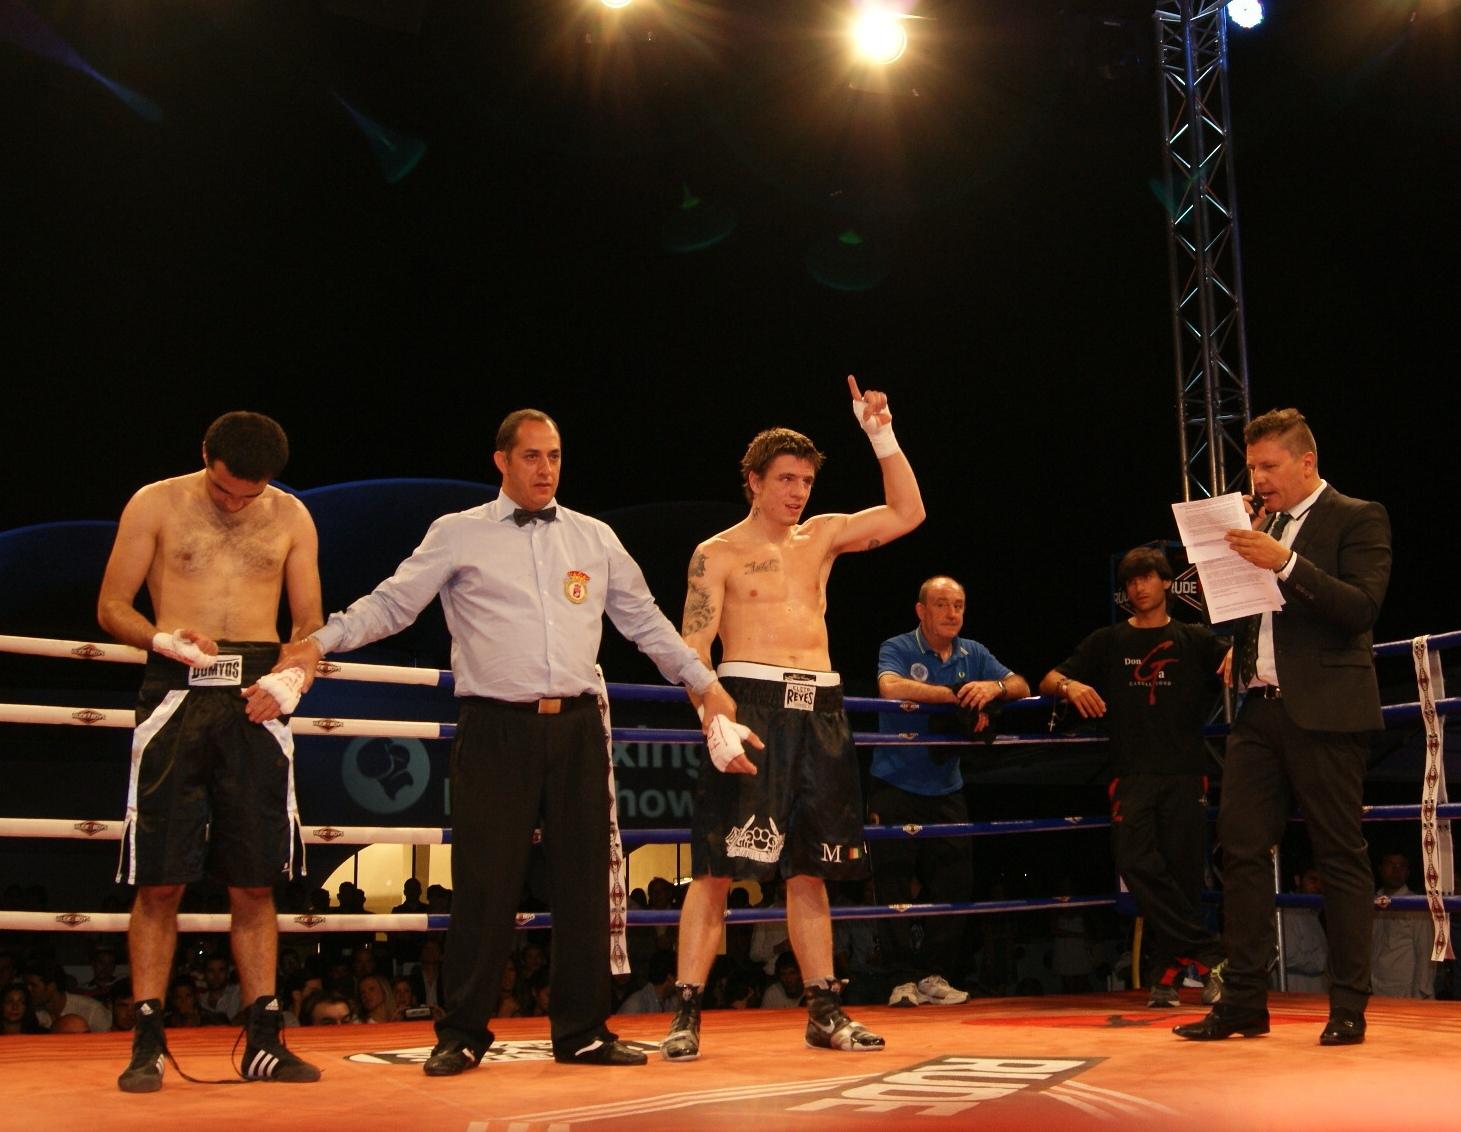 El boxeador profesional vizcaíno, Kerman Lejarraga, escucha el veredicto de su combate ayer 22 de julio en el Hipódromo de la Zarzuela de Madrid. (Foto, EuskoBox).